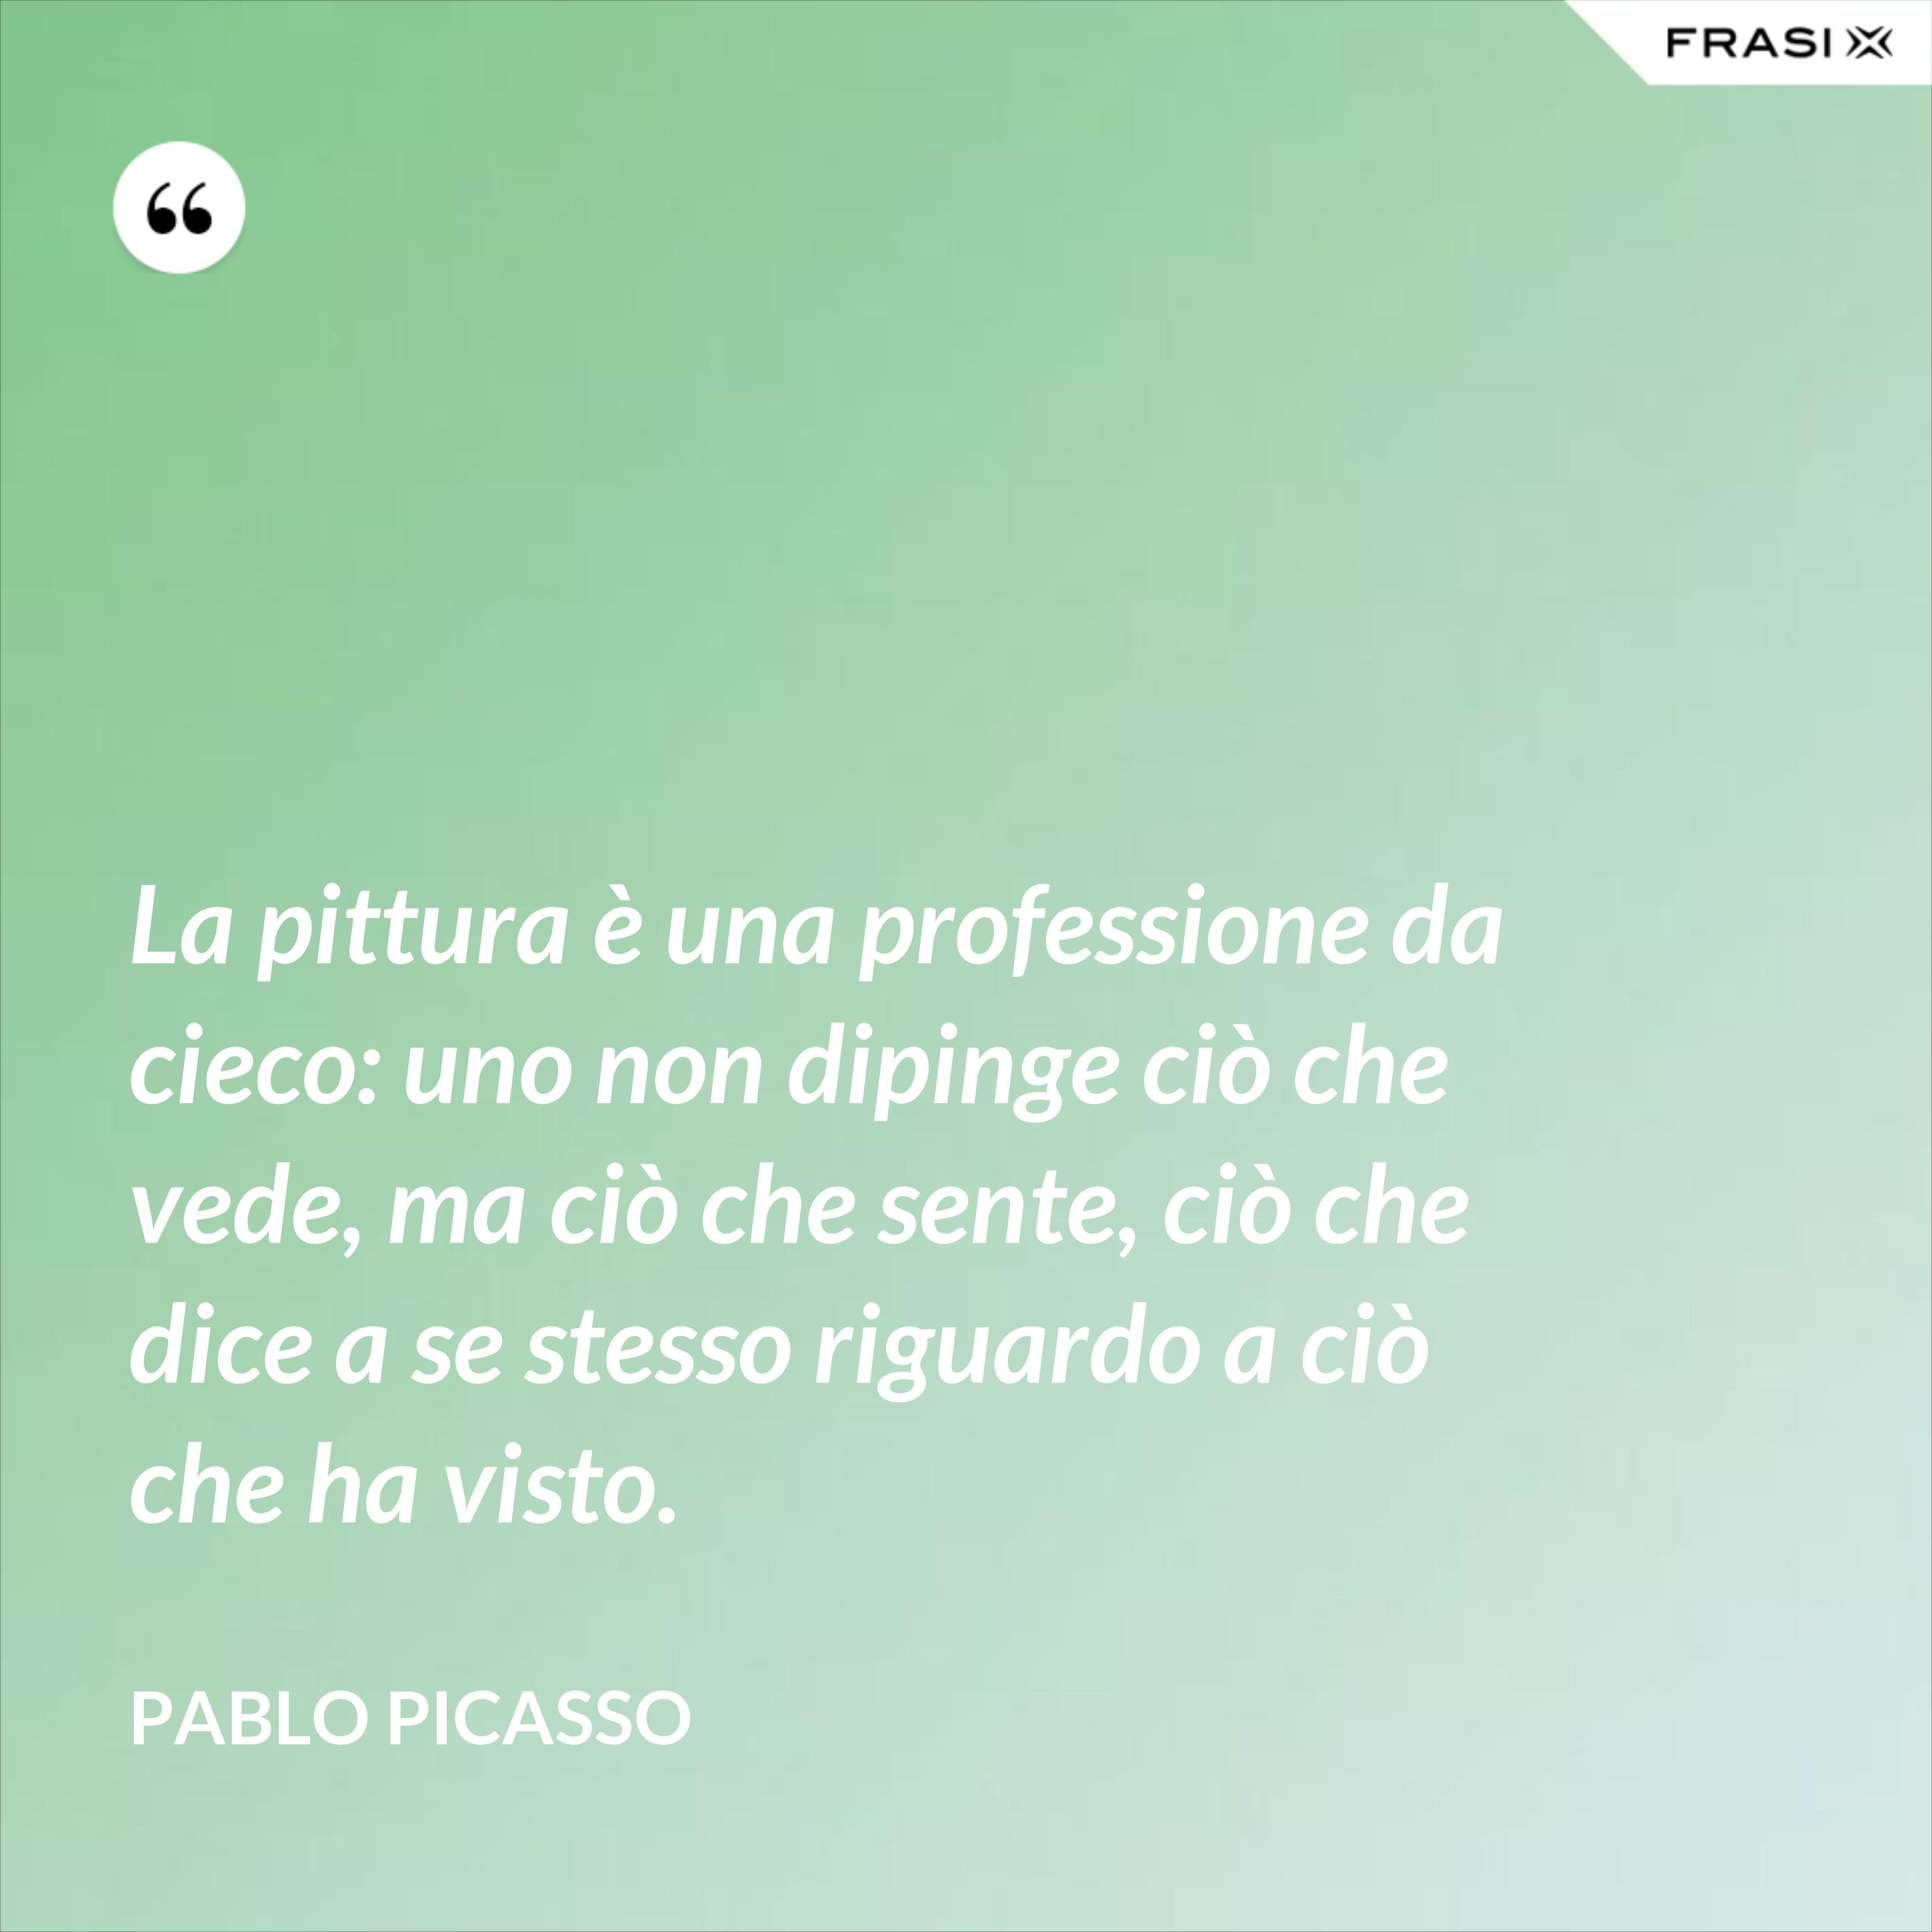 La pittura è una professione da cieco: uno non dipinge ciò che vede, ma ciò che sente, ciò che dice a se stesso riguardo a ciò che ha visto. - Pablo Picasso